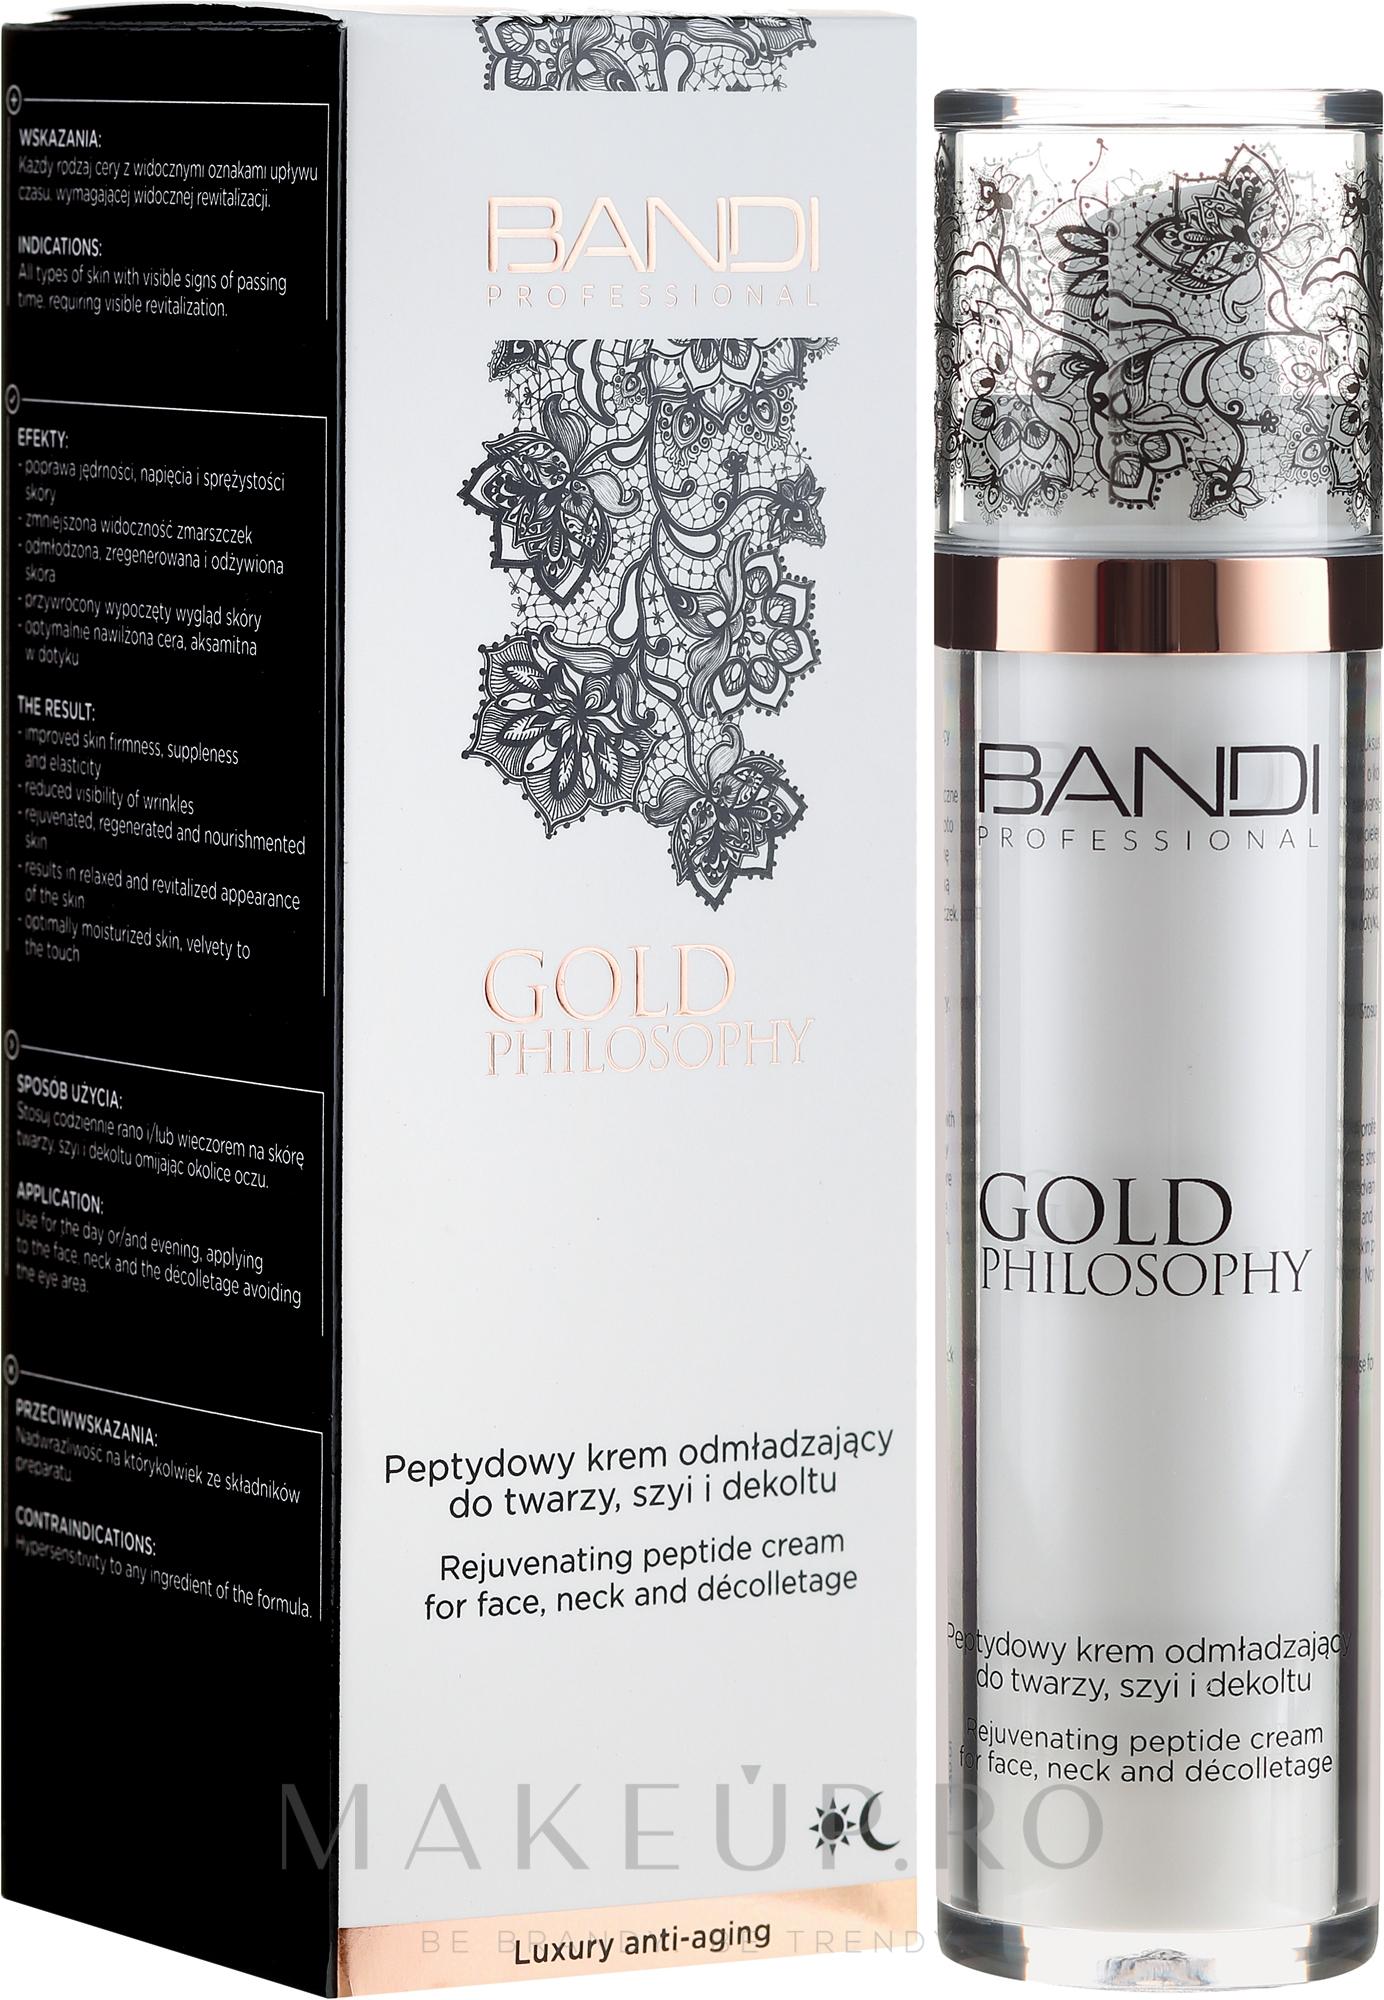 Cremă peptidică anti-îmbătrânire pentru față, gât și decolteu - Bandi Professional Gold Philosophy Rejuvenating Peptide Cream — Imagine 50 ml